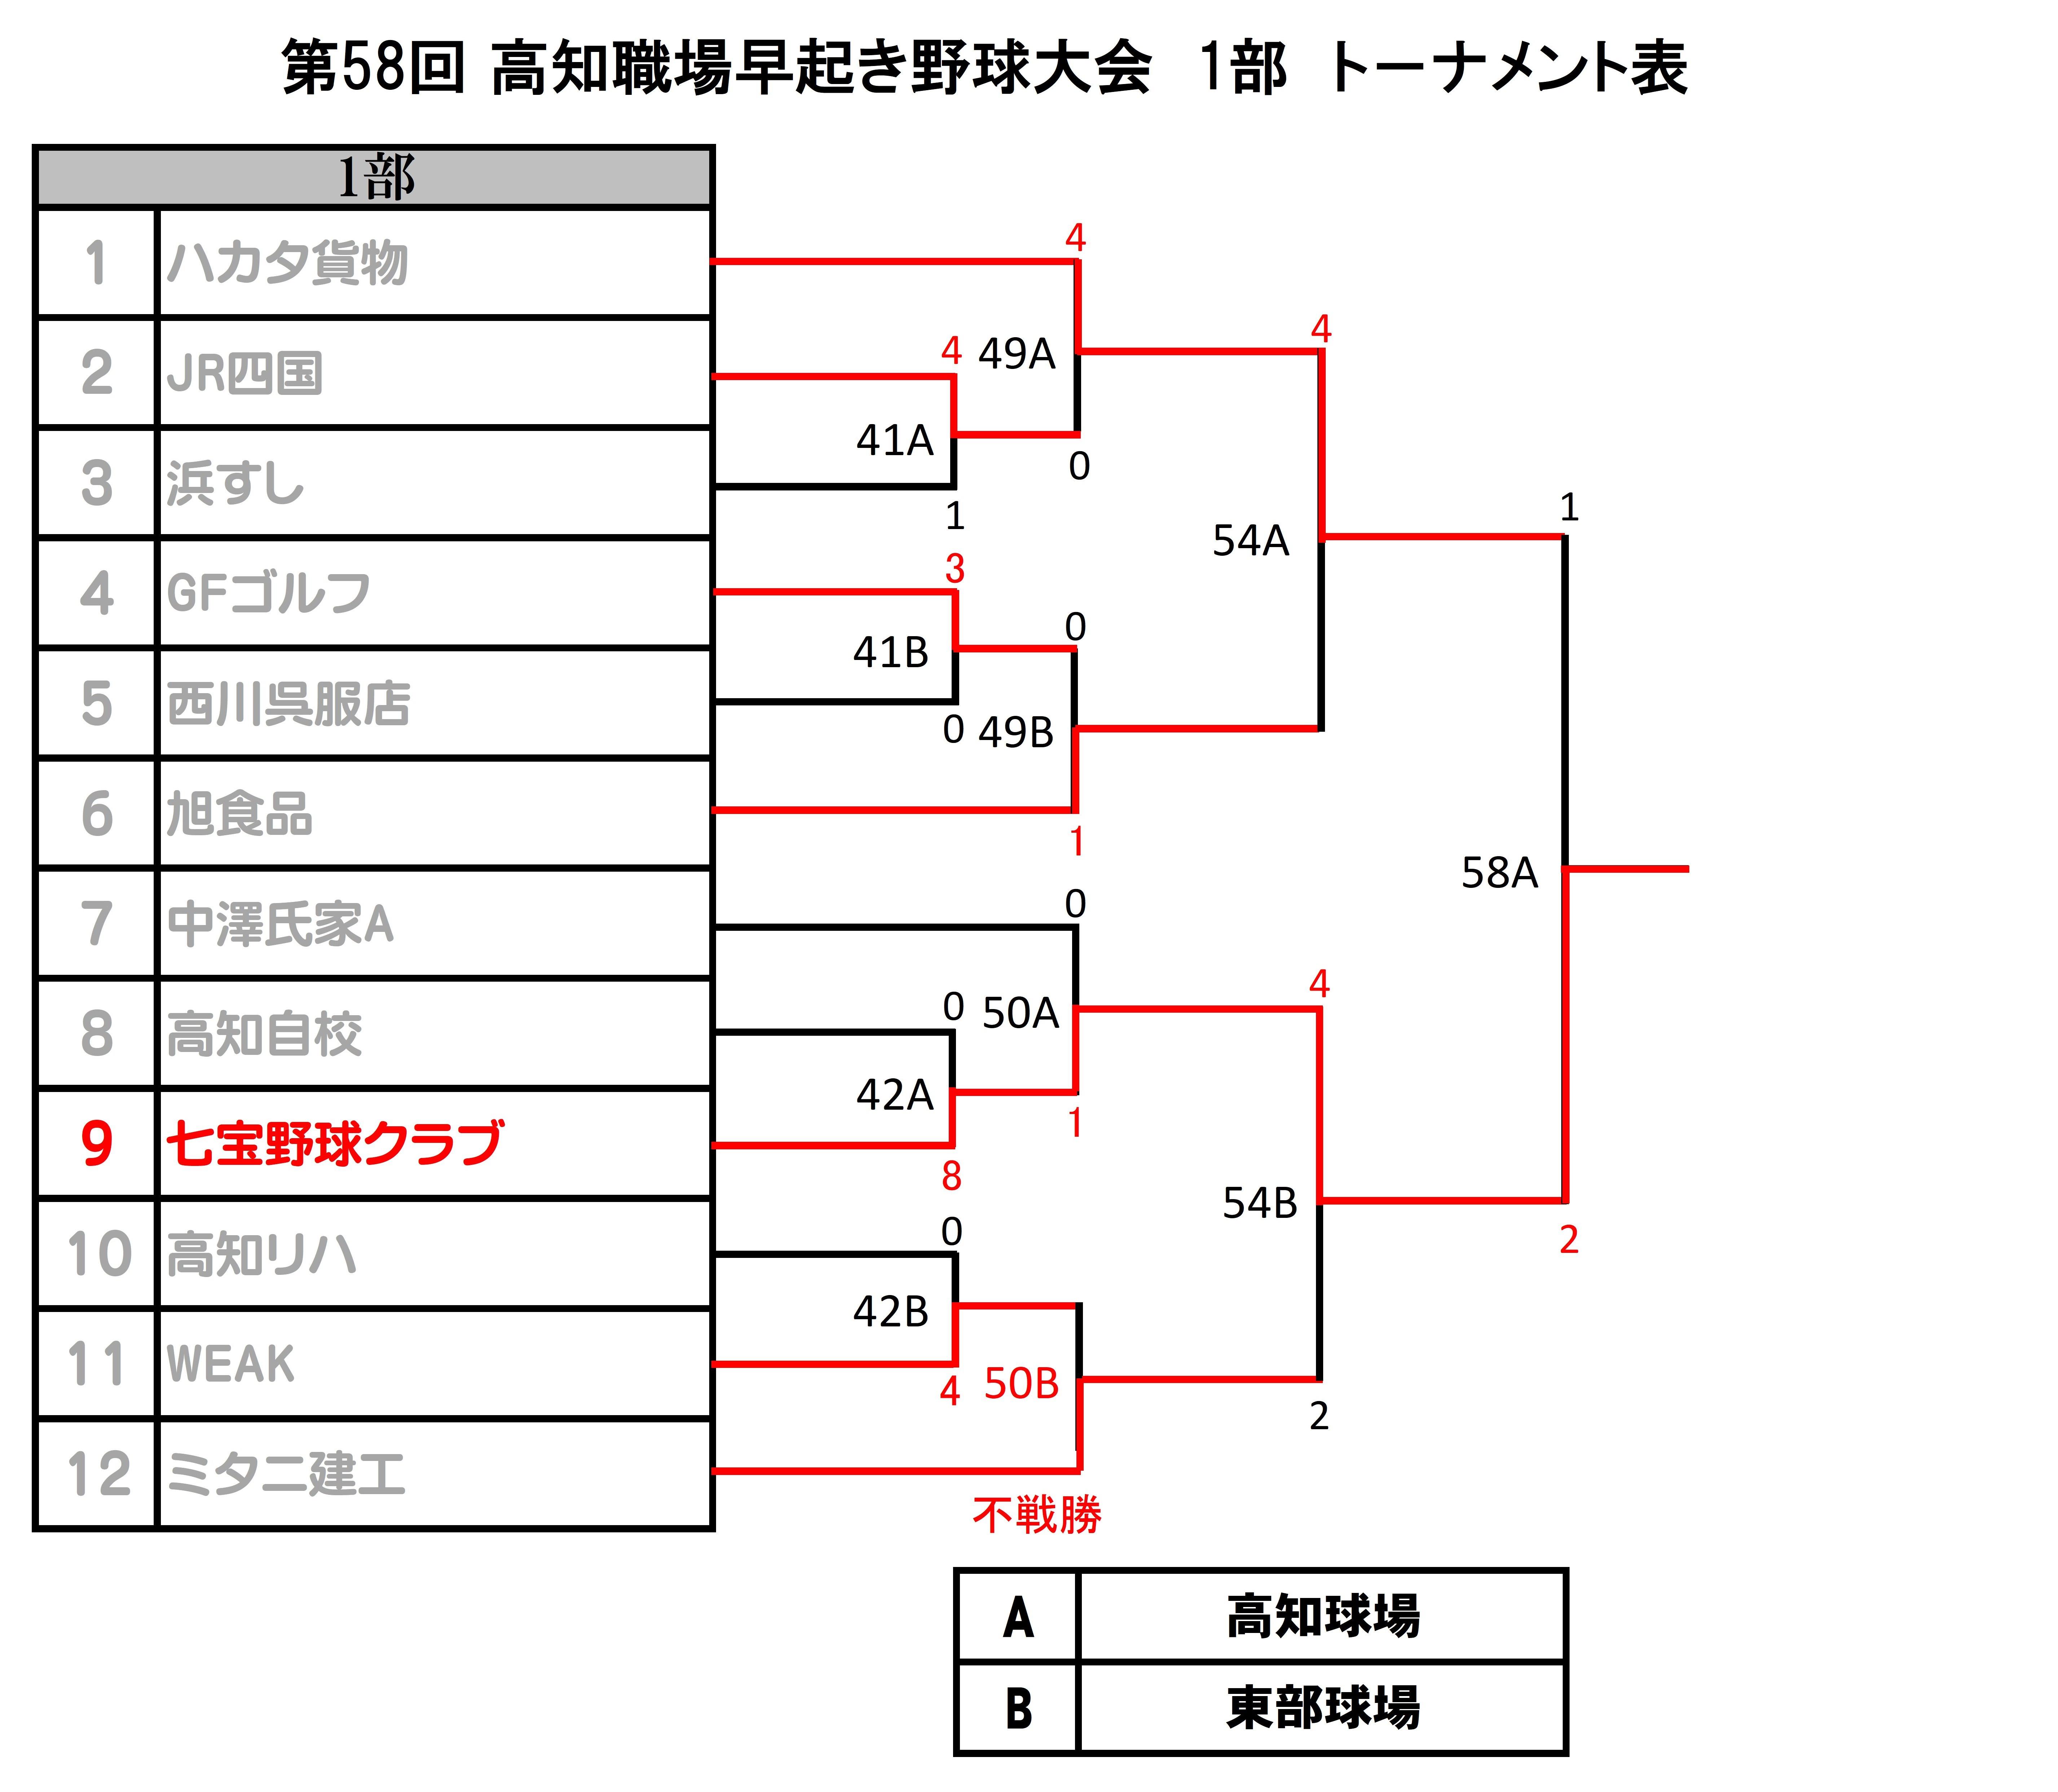 夜さこい野球トーナメント表-15